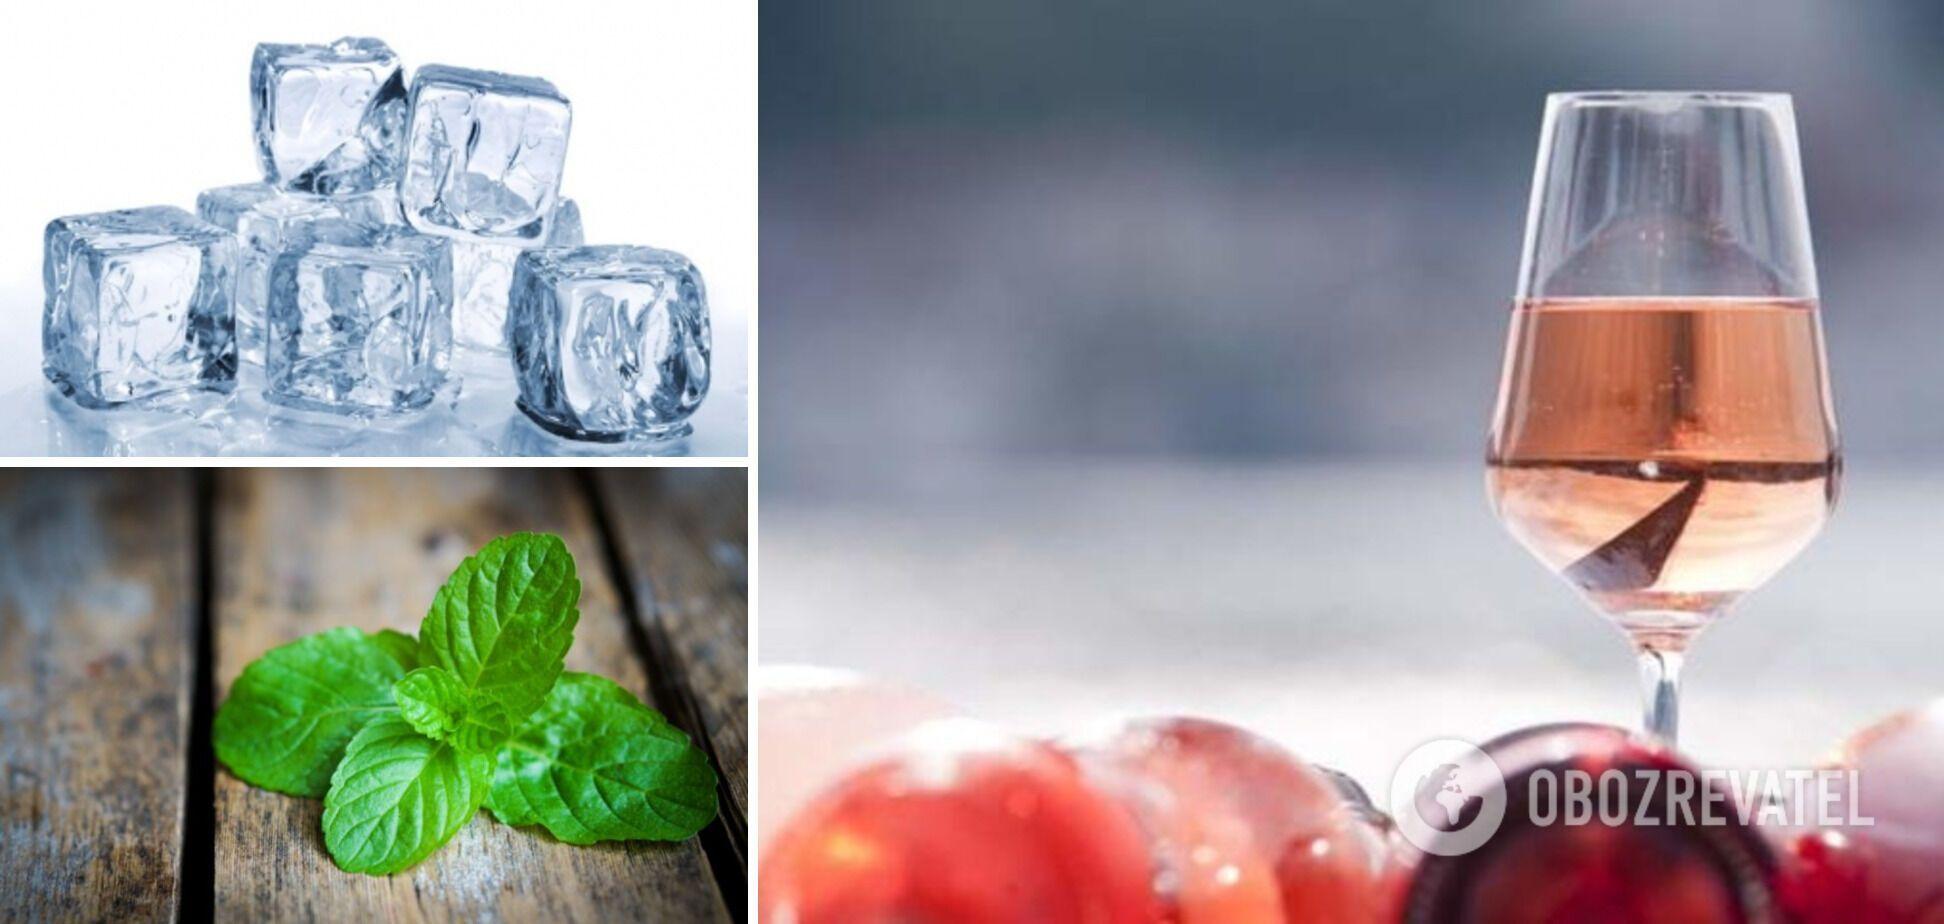 Ингредиенты для сангрии – вино, лед, мята